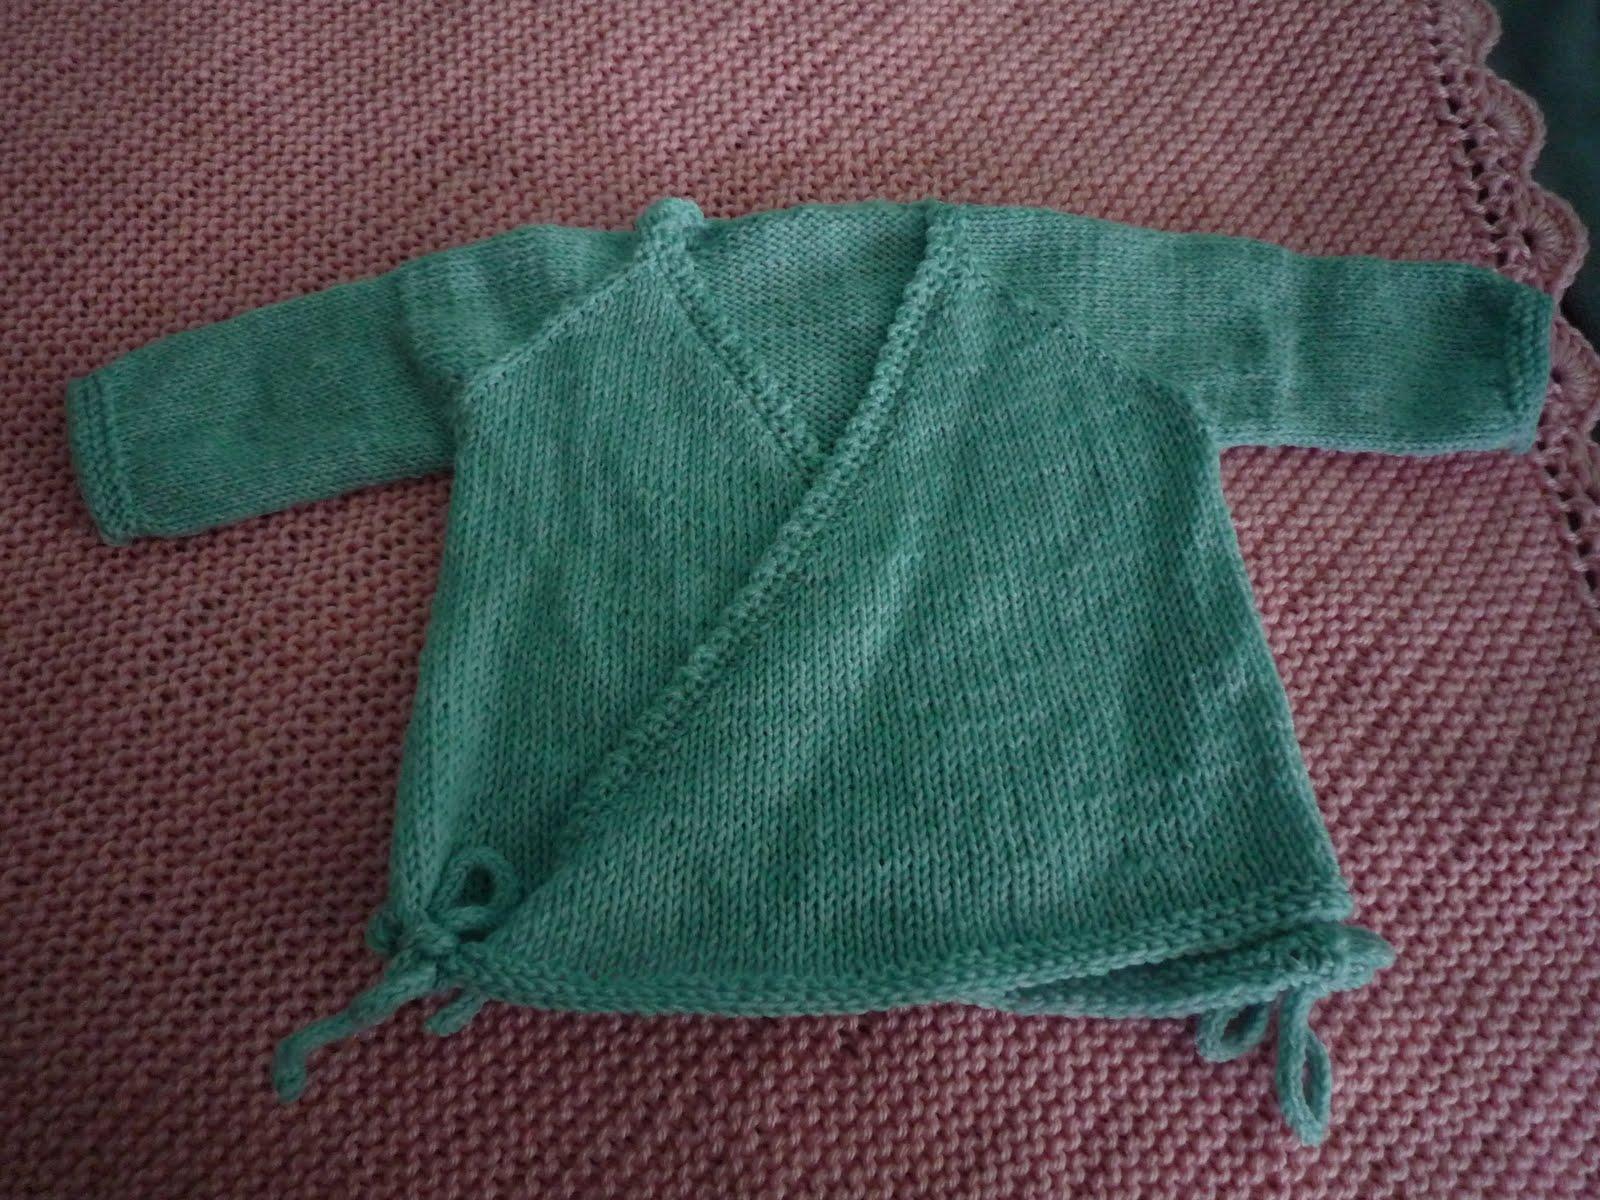 Finger Knitting Blanket : Knitpoint